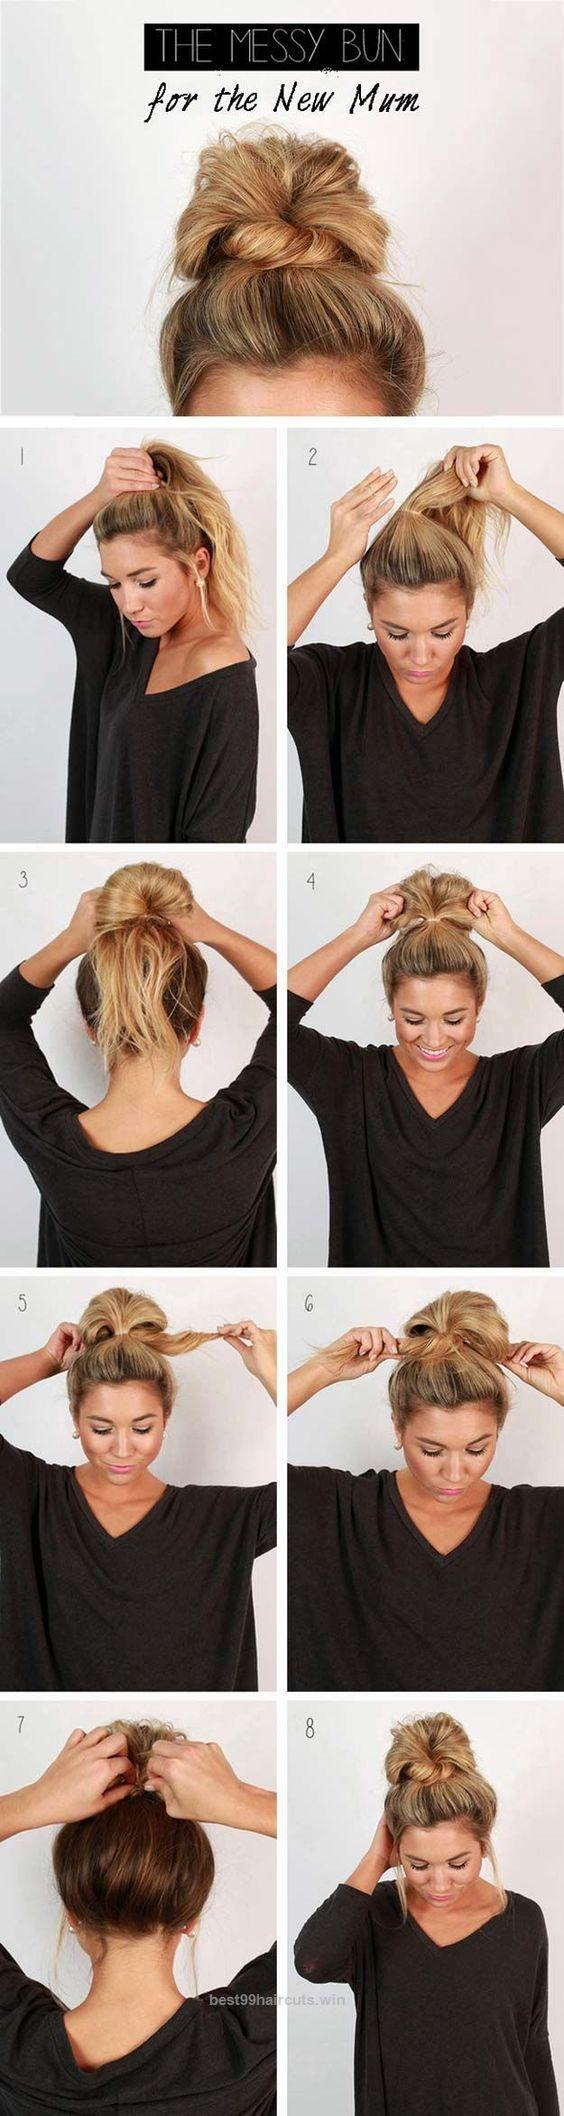 25 + › Coole und einfache DIY-Frisuren – unordentlicher Brötchen – schnelle und einfache Ideen für Back to Scho